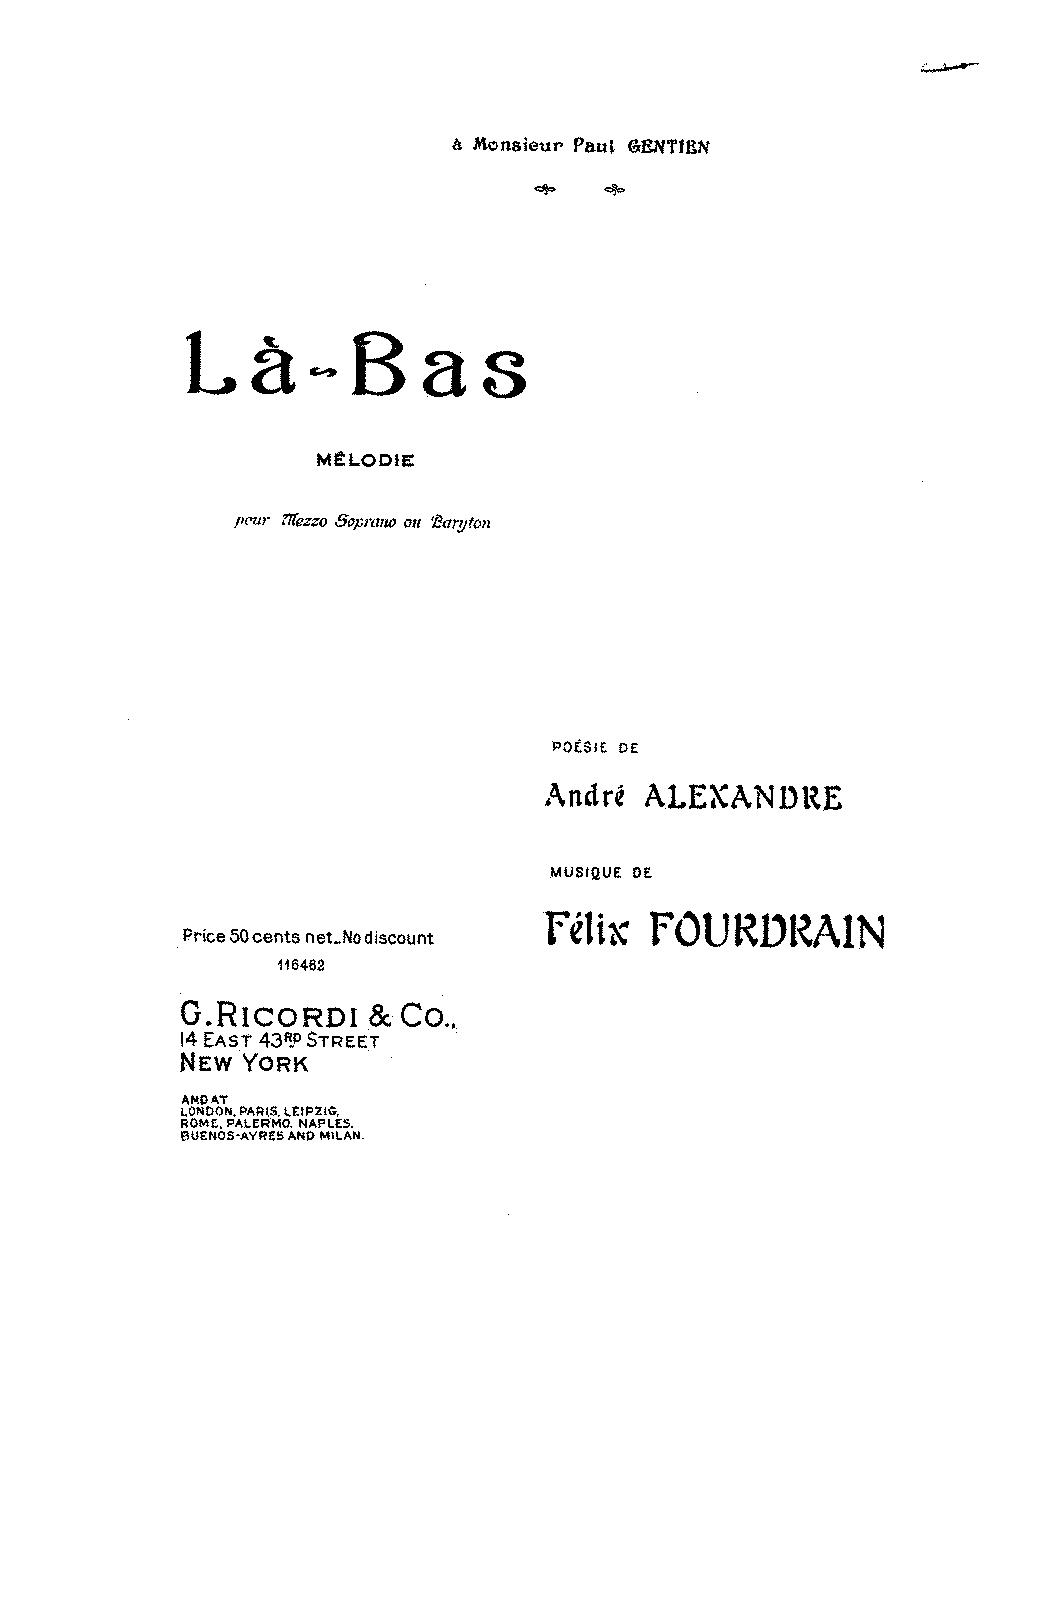 Là-bas (Fourdrain, Félix) - IMSLP/Petrucci Music Library